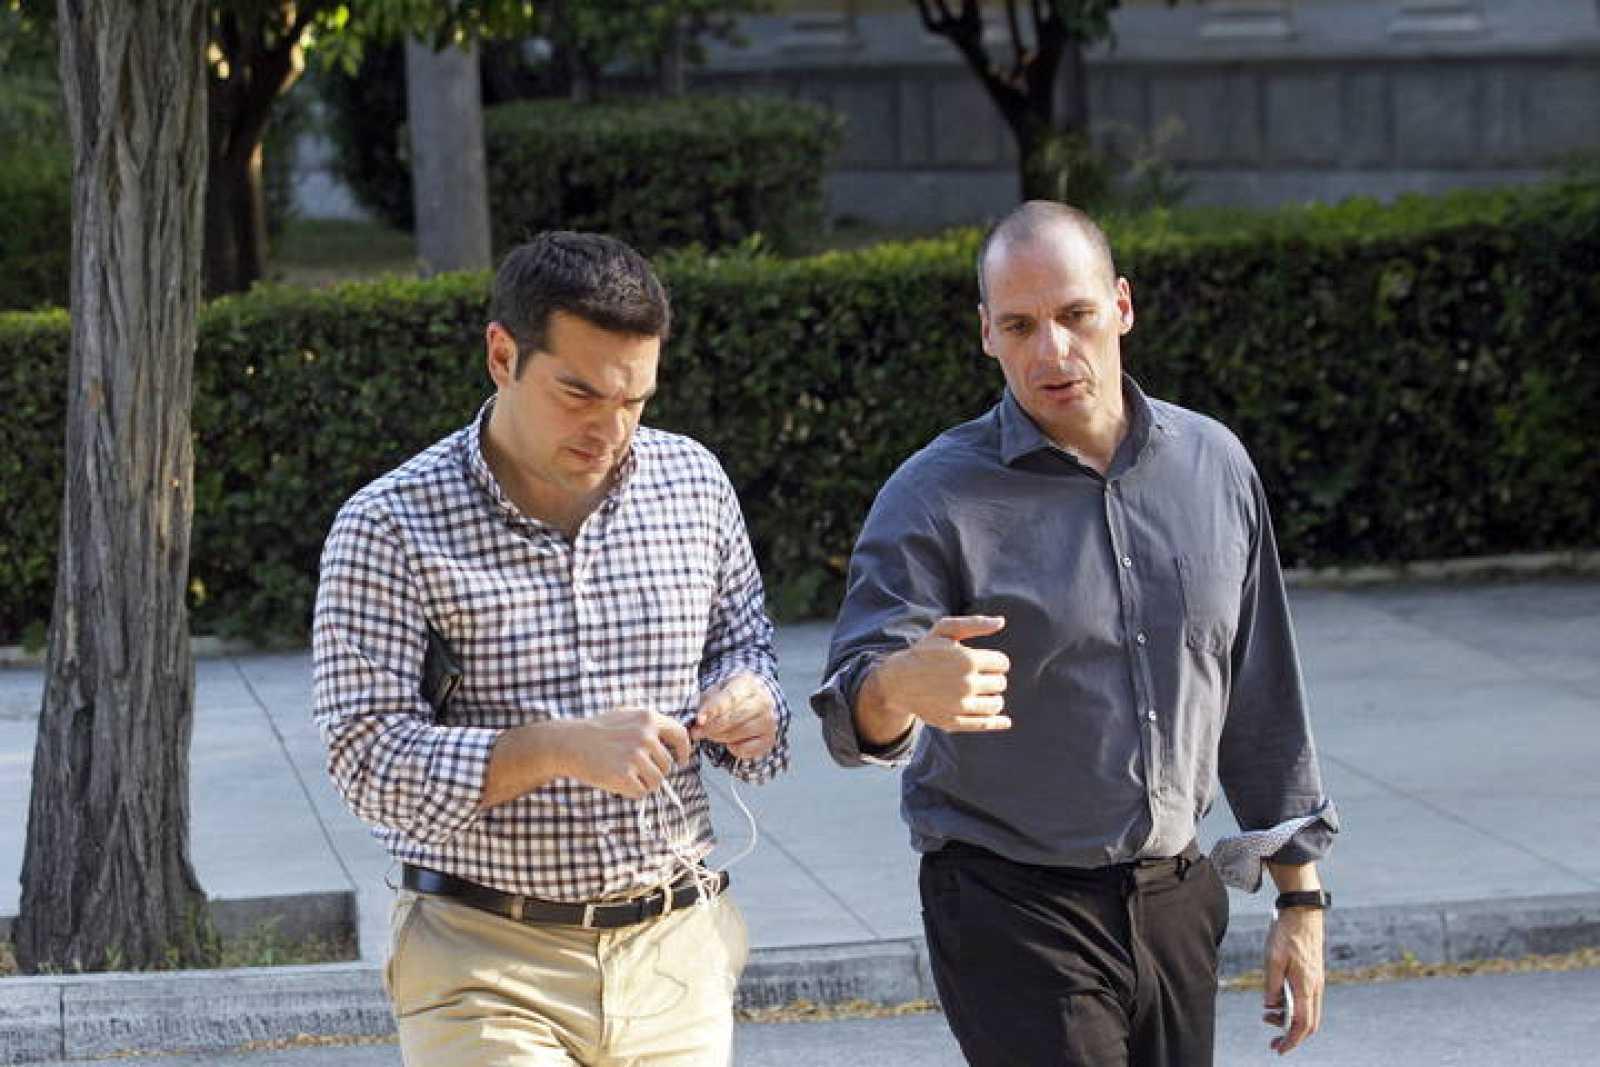 El primer ministro griego, Alexis Tsipras, y su ministro de Finanzas, Yanis Varufakis